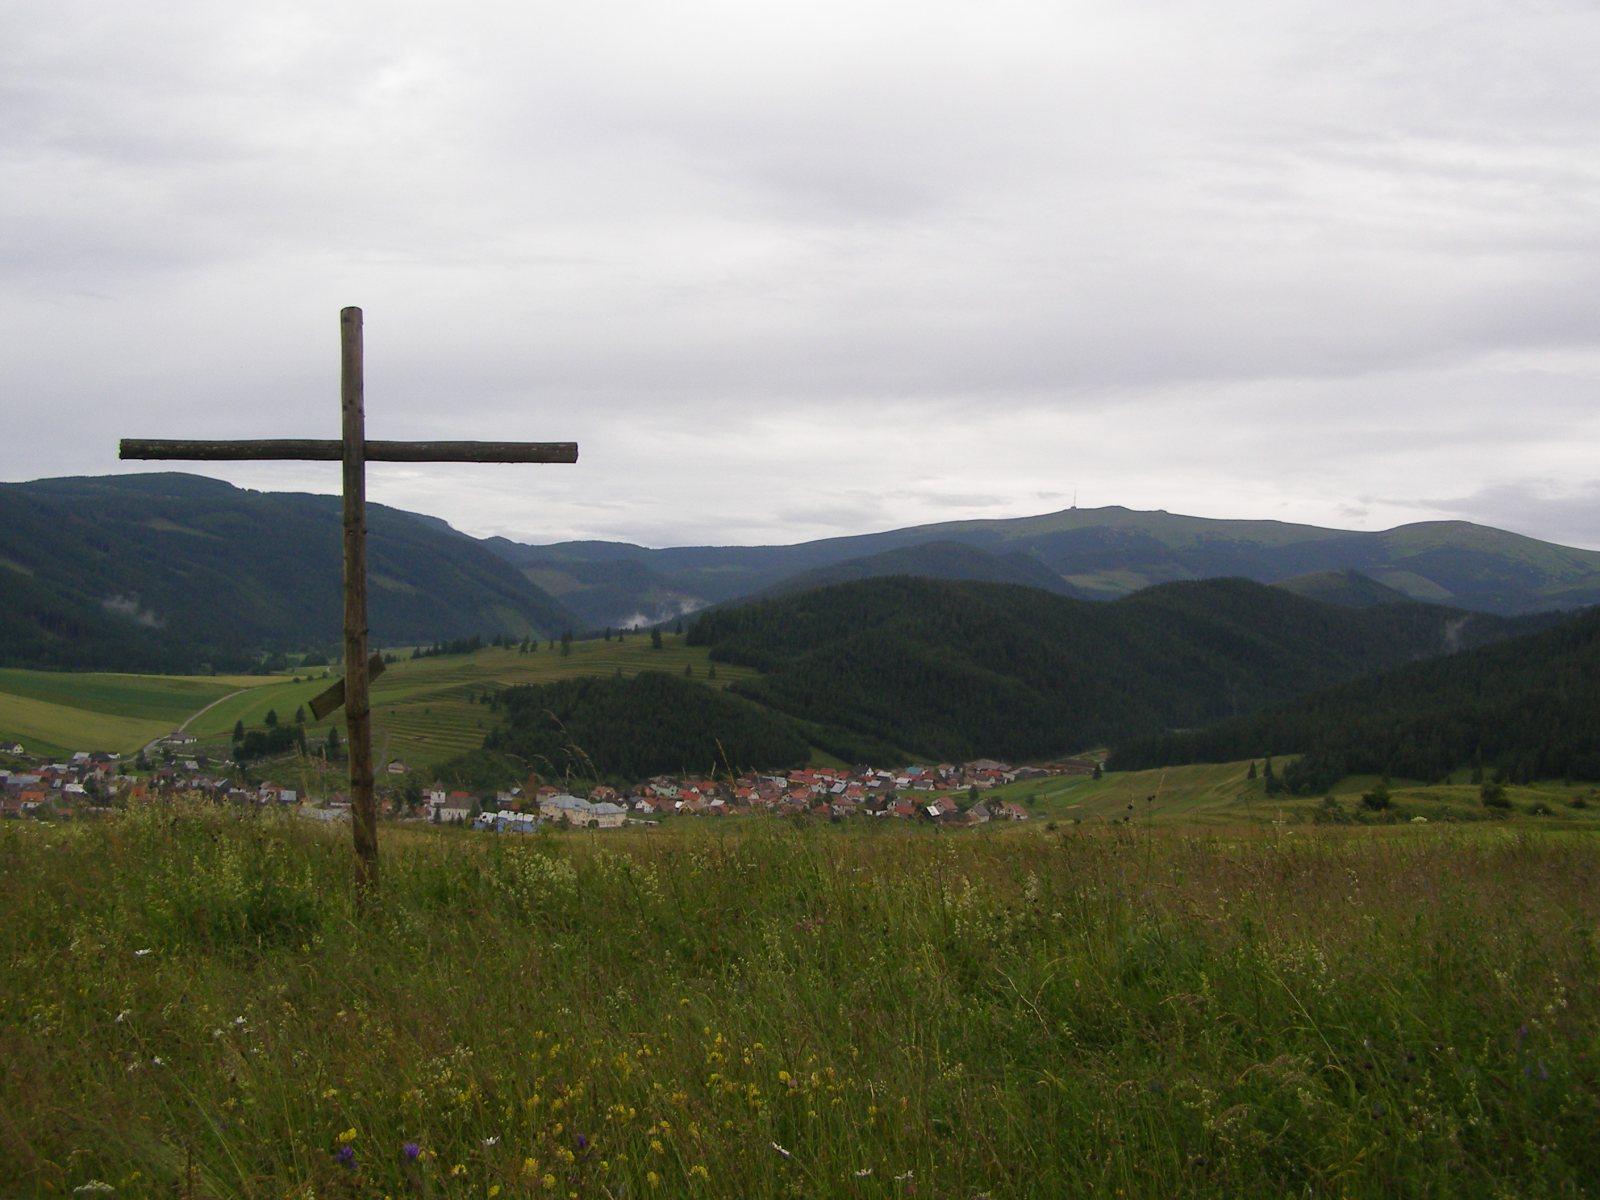 tat060 - Liptovská Teplička i Jaskinie Bystrianska i Važecká